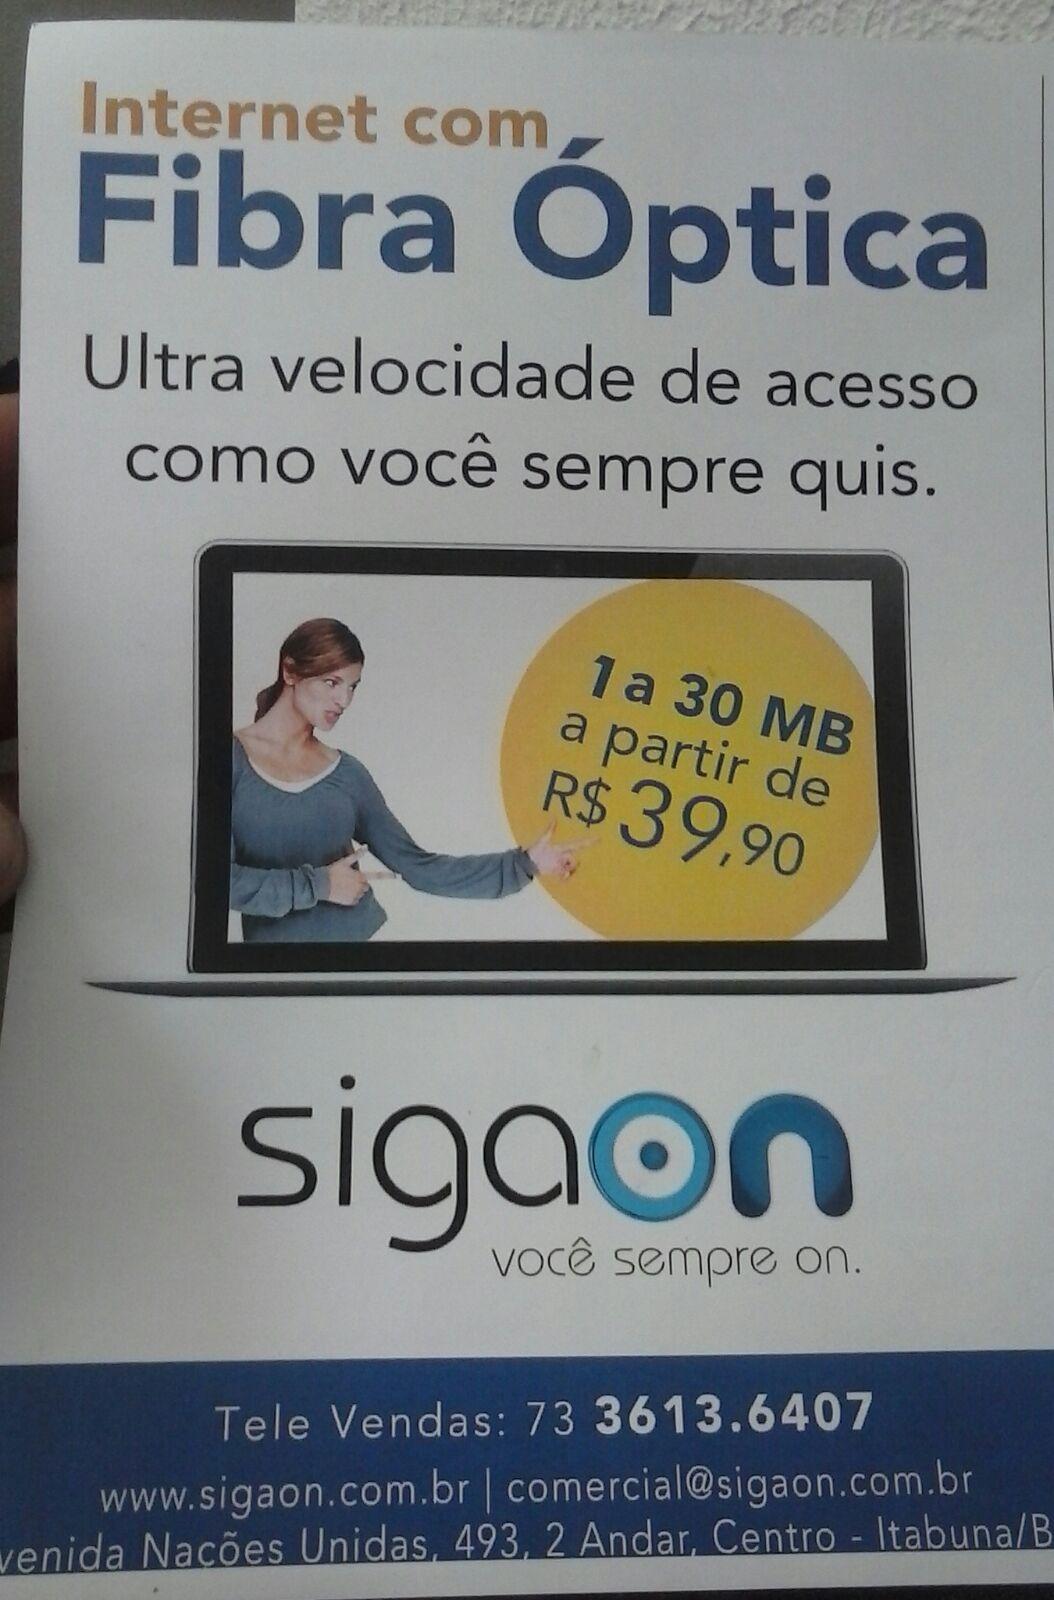 SIGAON